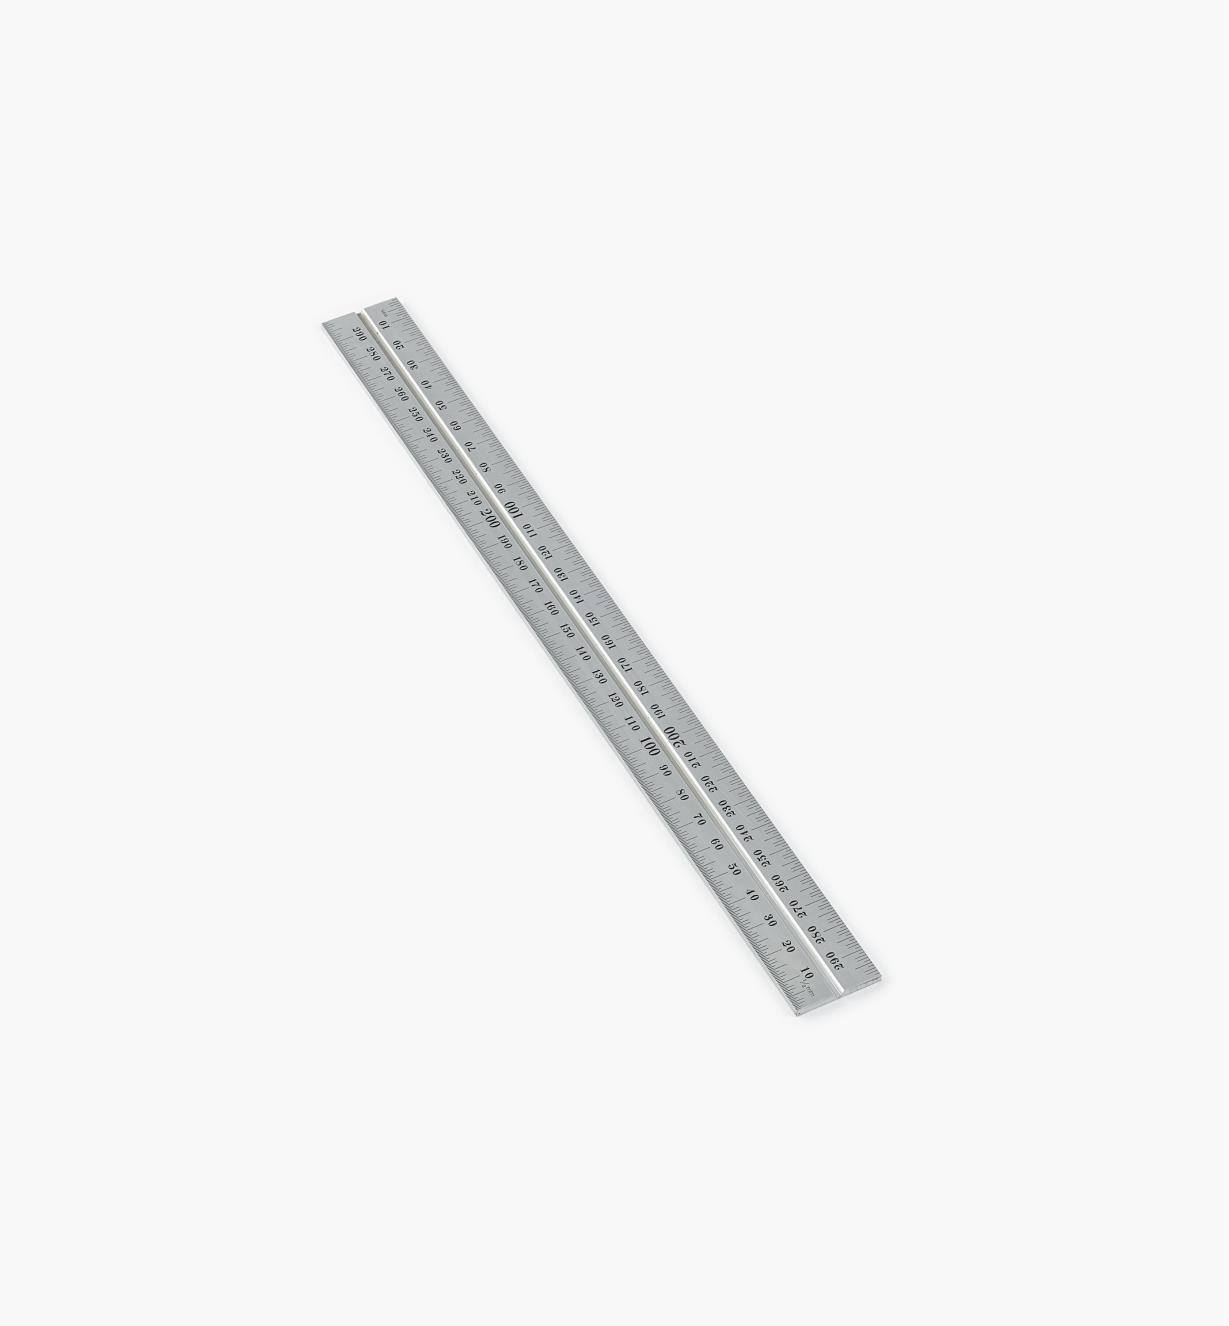 30N3142 - Règle 300 mm, fini chrome pour têtes d'équerre de 12 po et 300 mm, rapporteur d'angle et tête de centrage Starrett